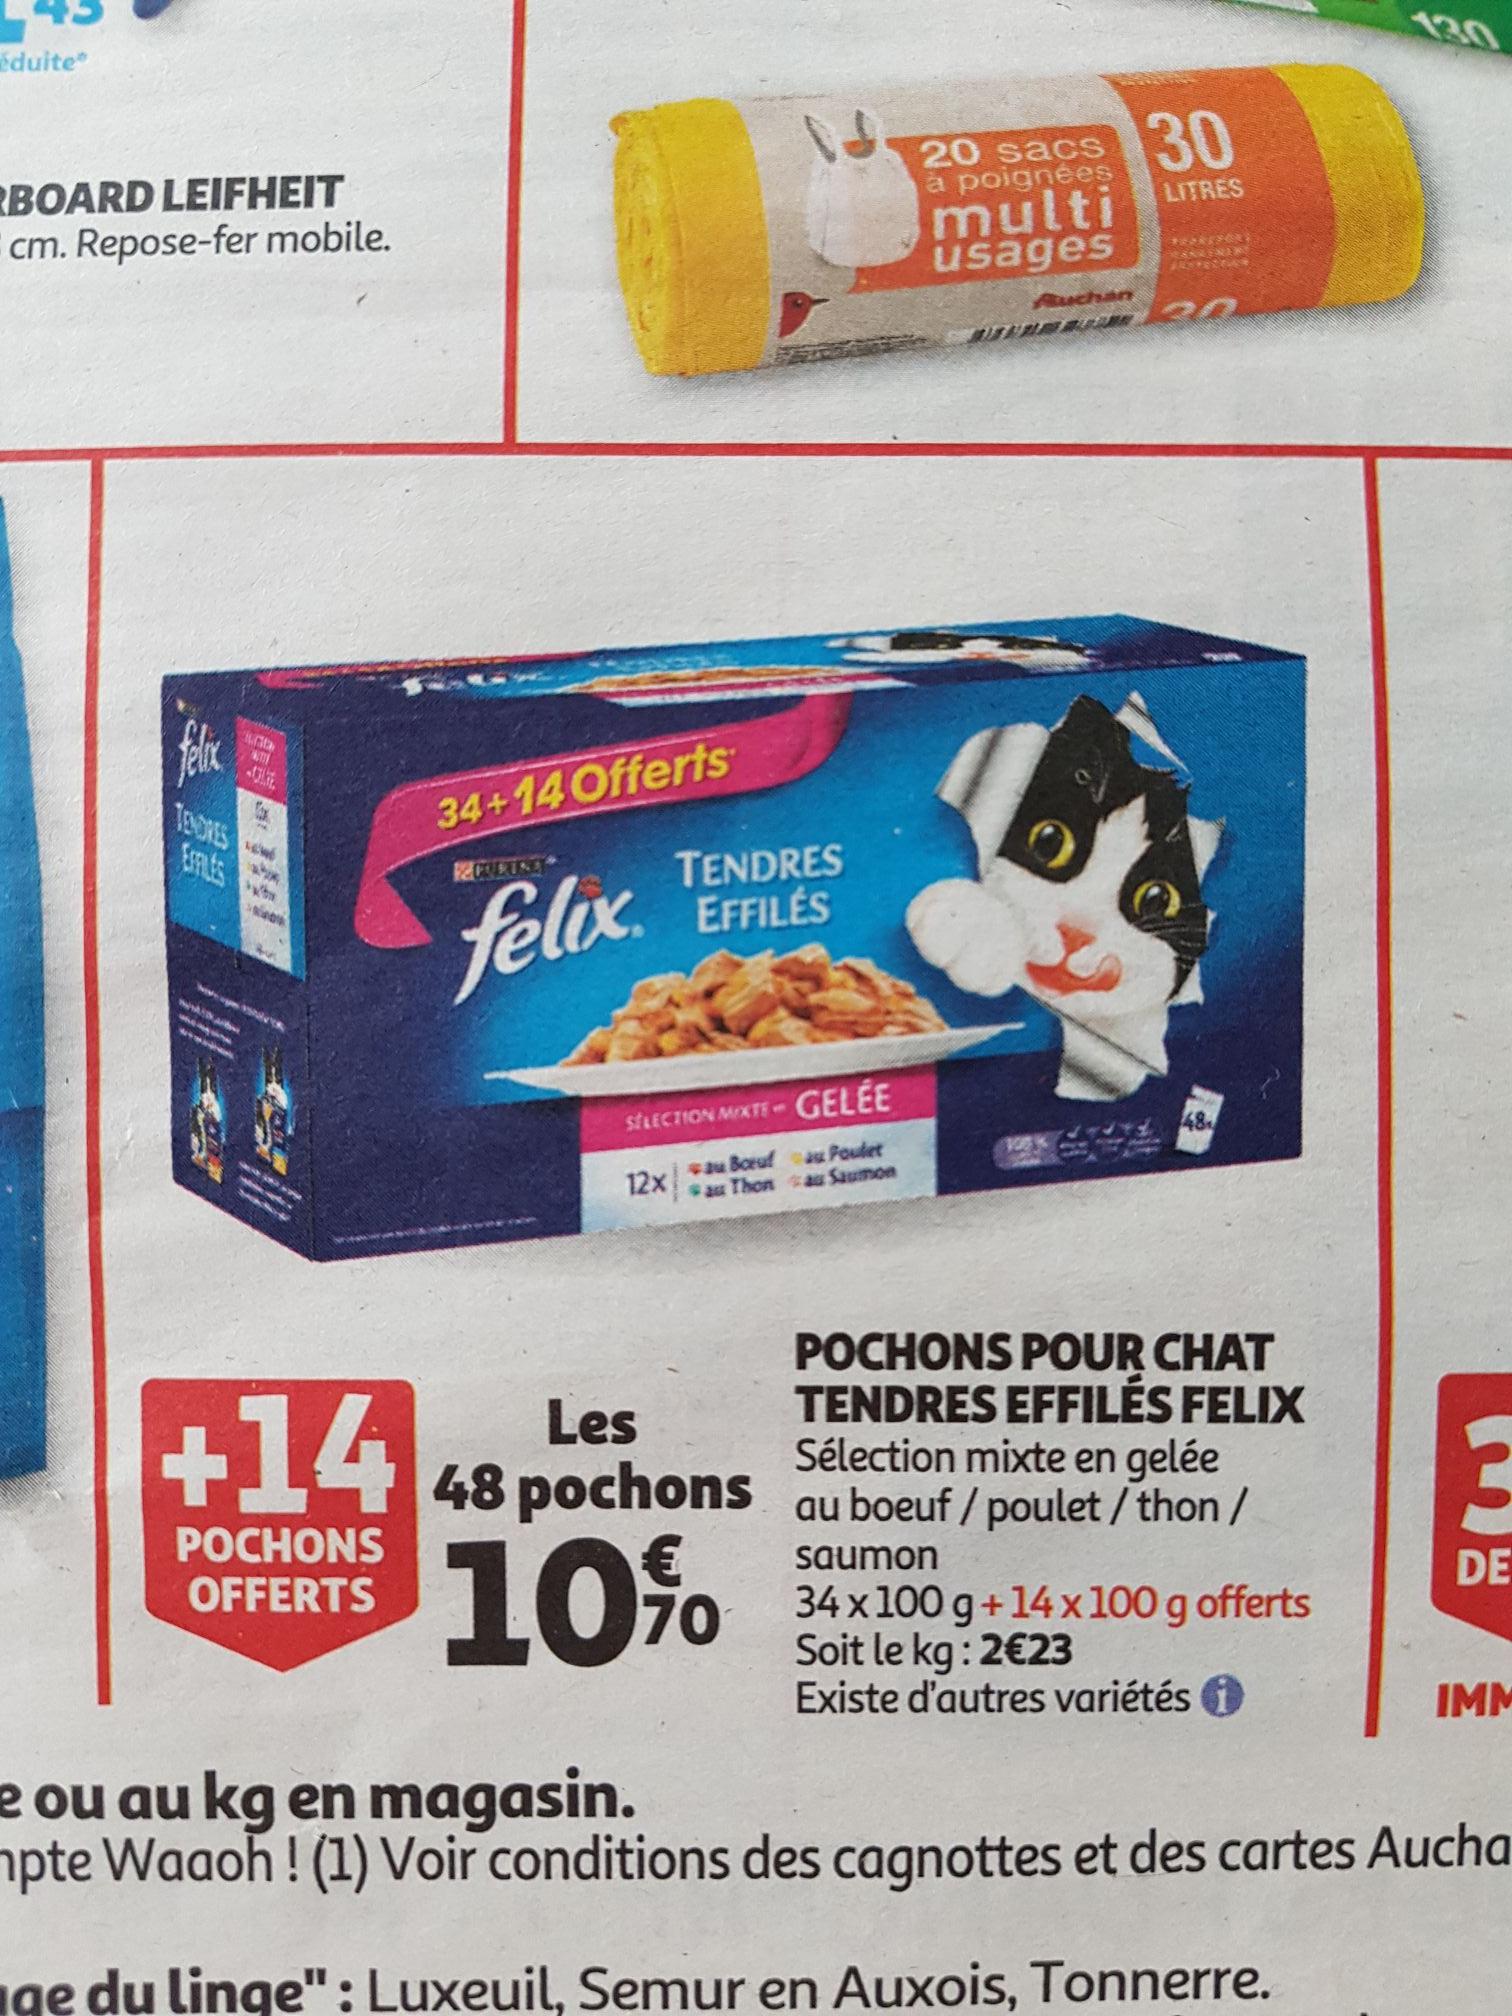 Paquet de 48 pochons de nourritures pour chat Felix Tendre Effilés - 48 X 100 gr